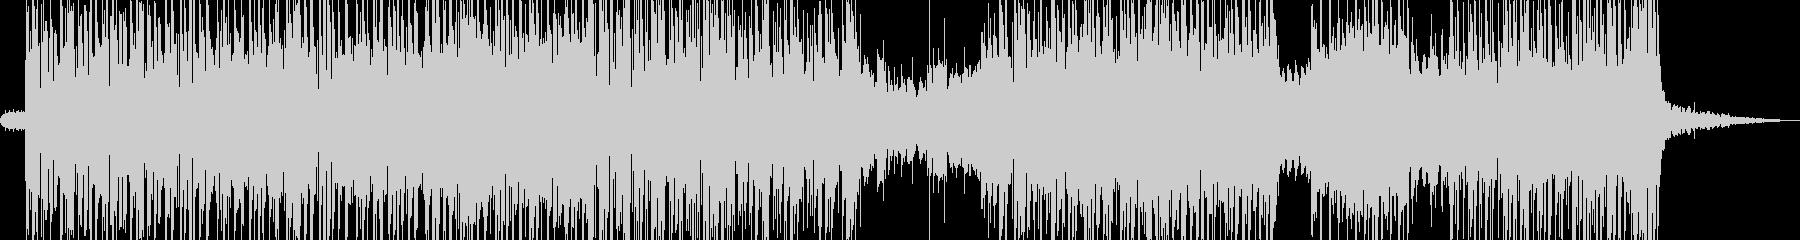 アジト・無機質アなグレッシブビート A3の未再生の波形